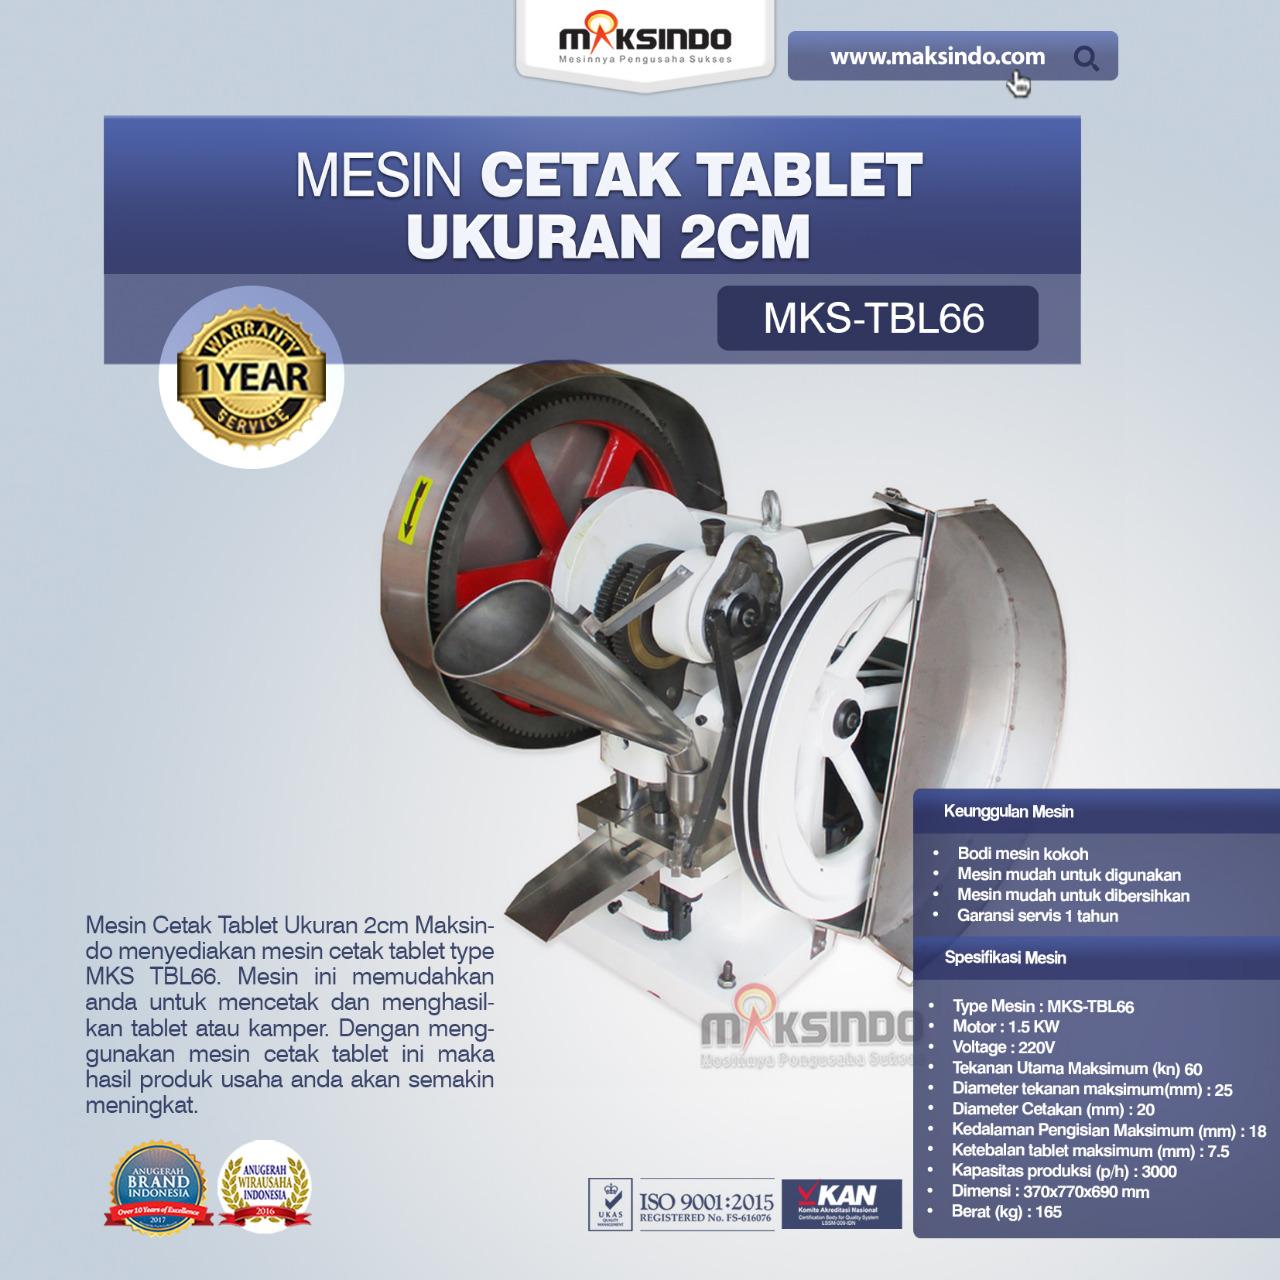 Jual Mesin Cetak Tablet Ukuran 2cm di Bandung